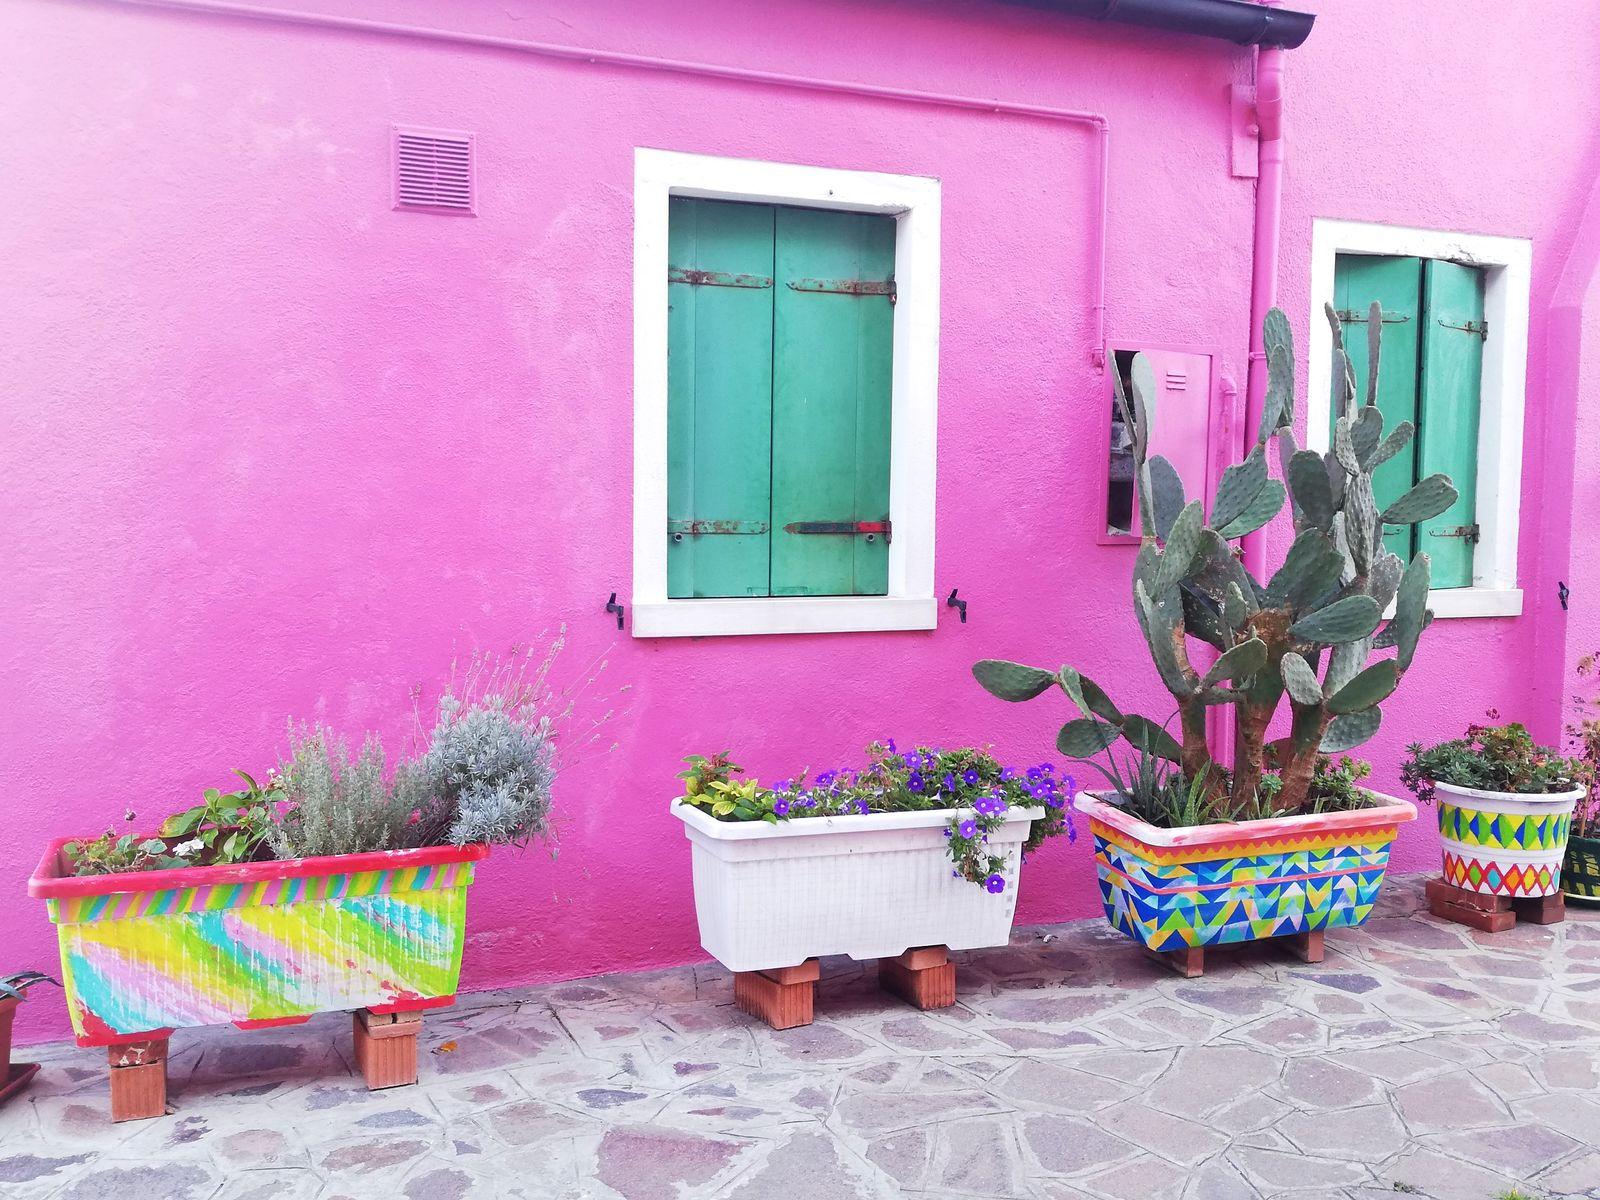 Visiter Burano et ses maisons colorées.jpg